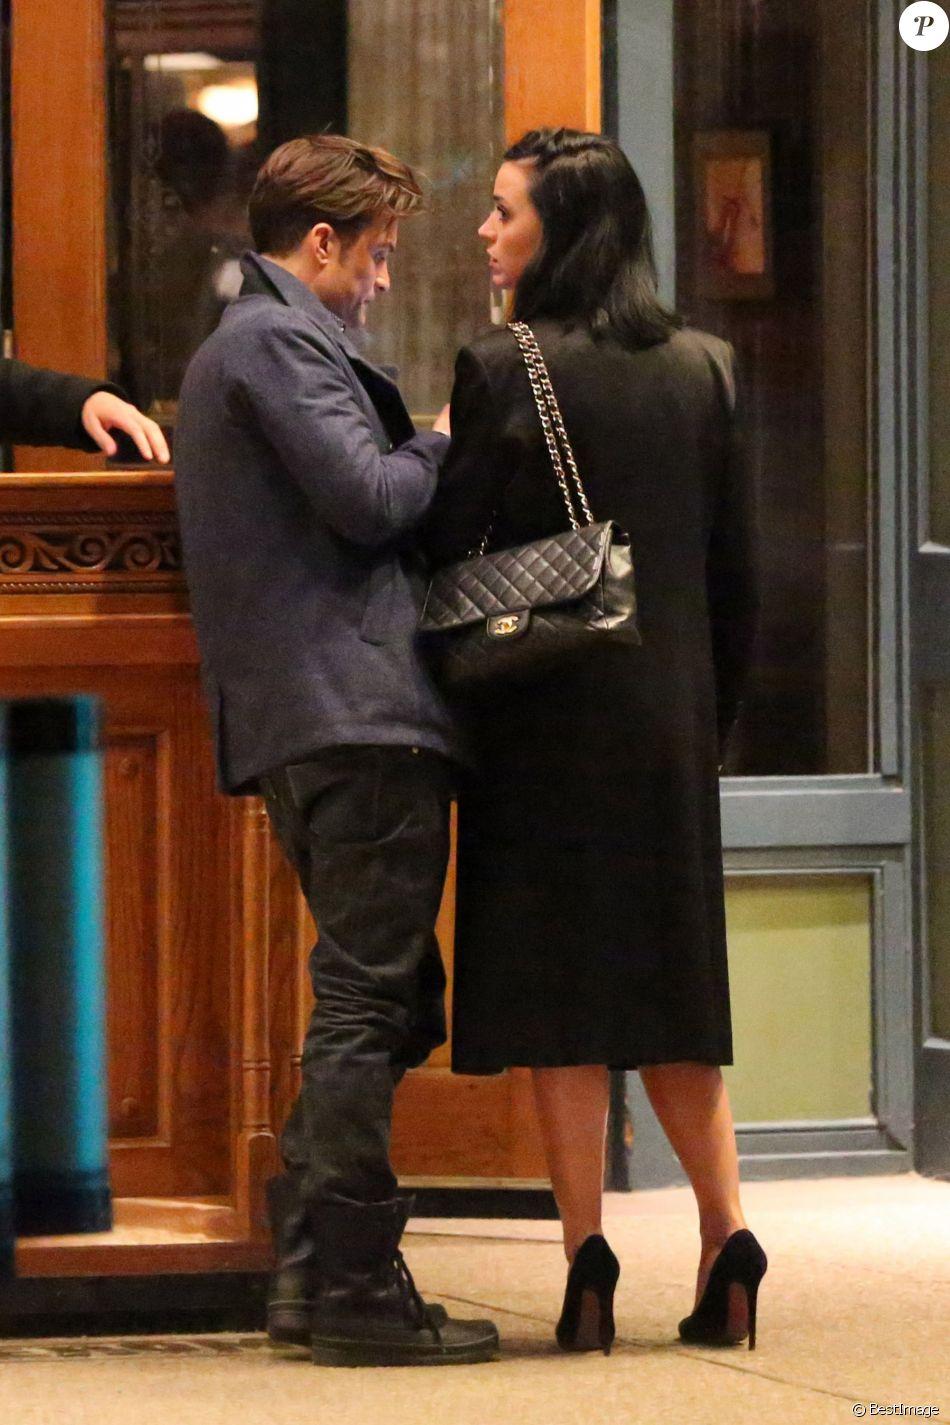 Exclusif - Le couple Katy Perry et Orlando Bloom arrivent à leur hôtel 'Jerome' à Aspen dans le Colorado pour assister au mariage de leur amie la styliste Jamie Schneider. Le 8 avril 2016